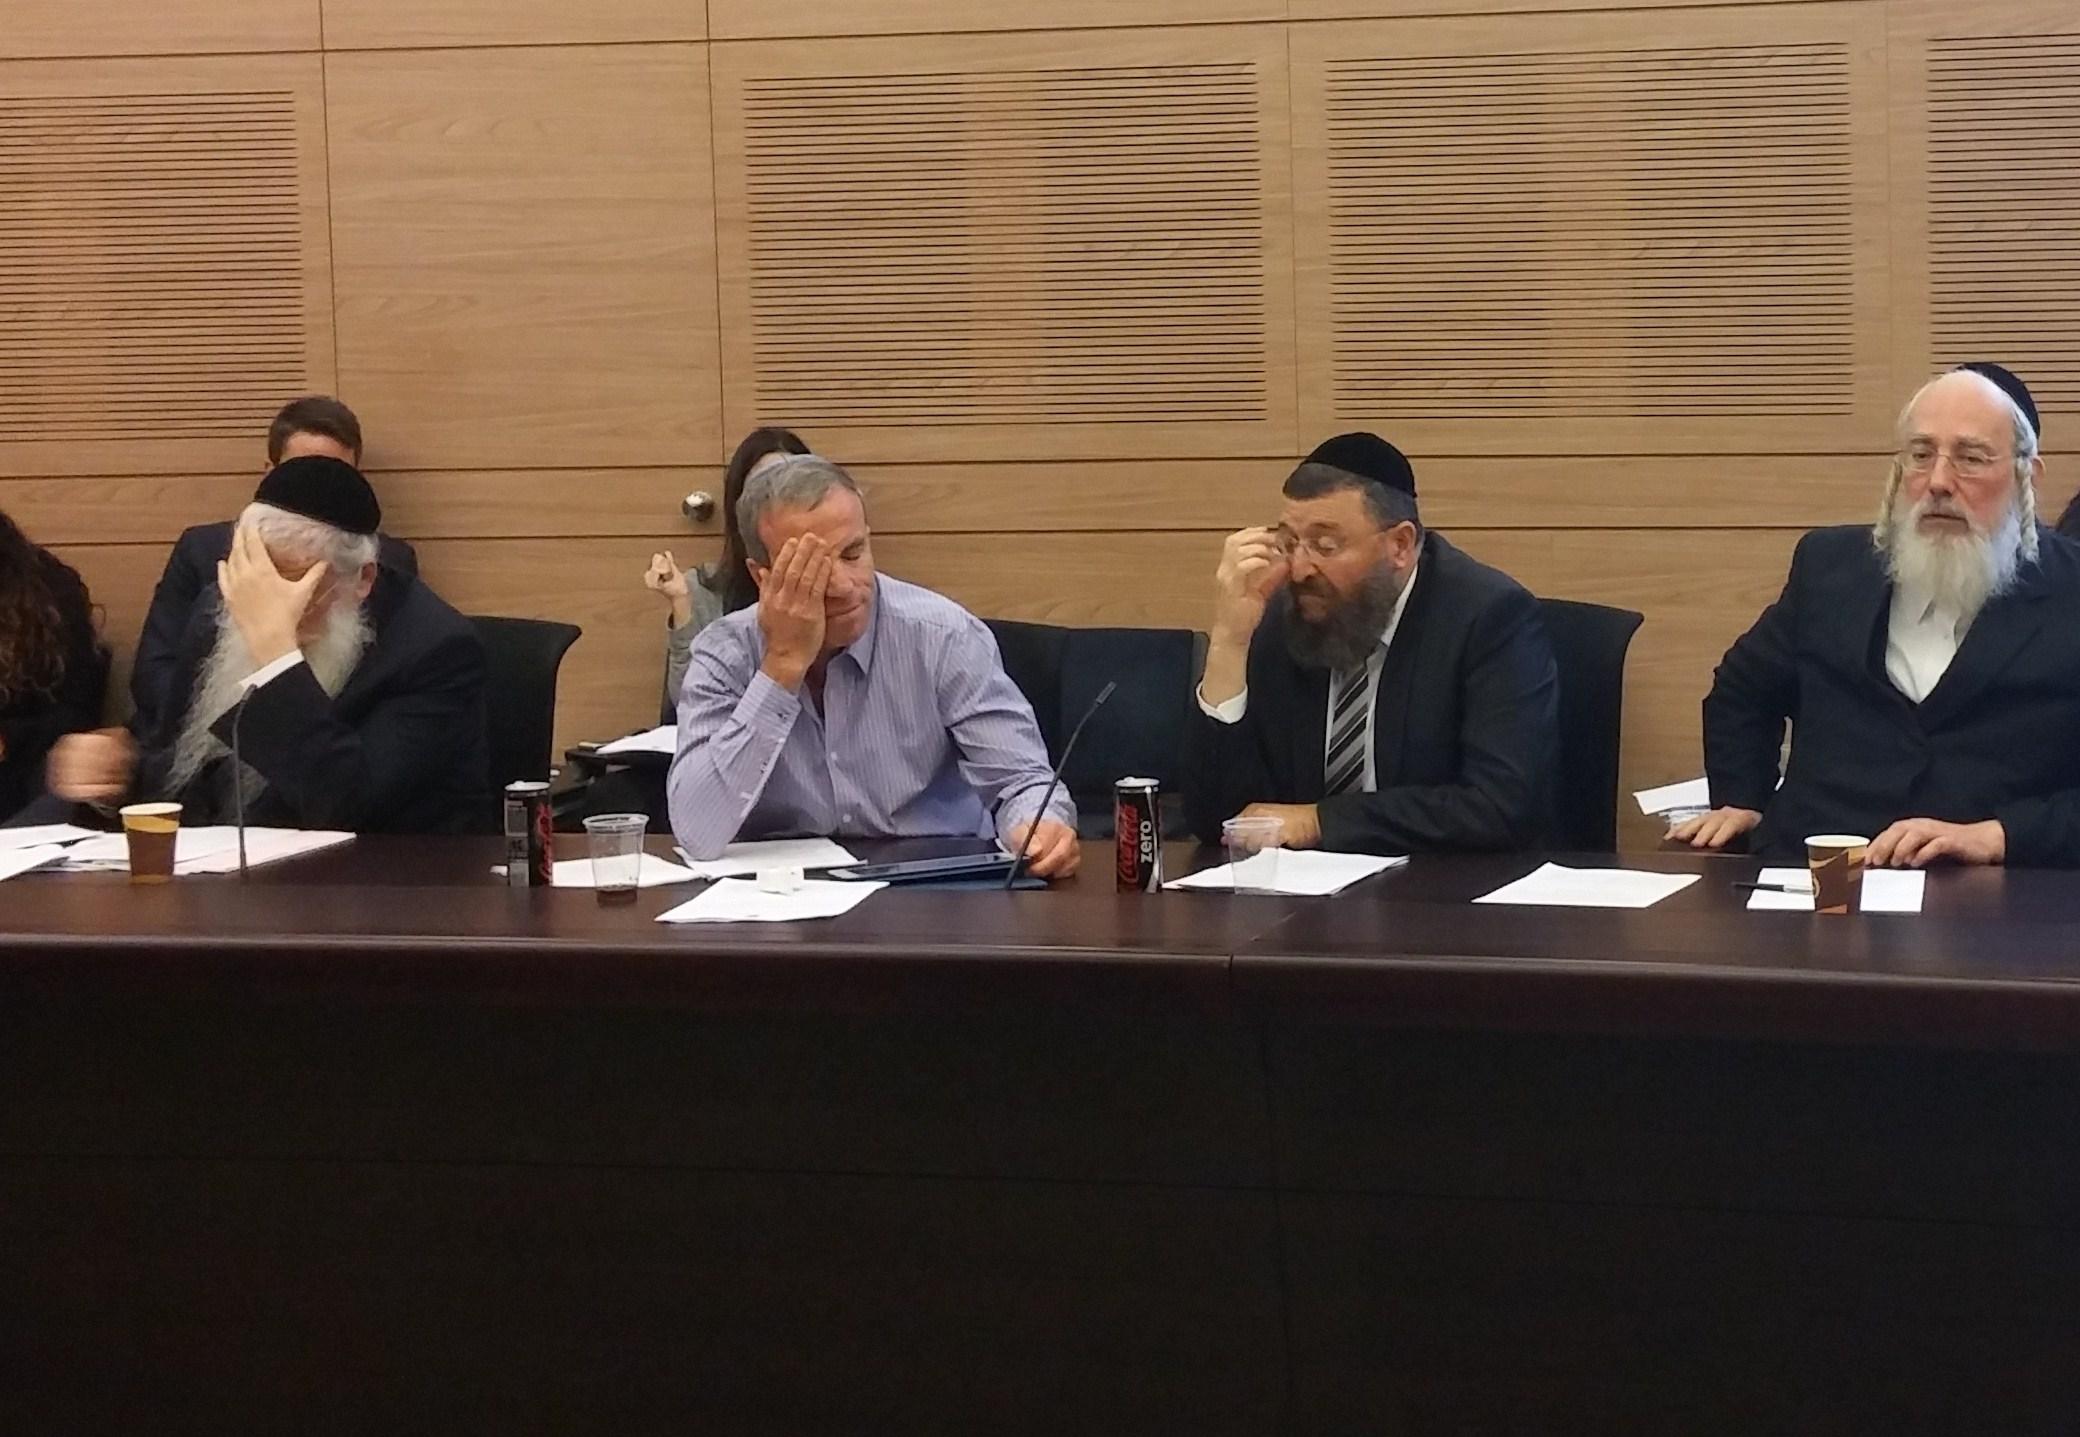 צפו בוידאו: החרדים נטשו את הוועדה בזעם